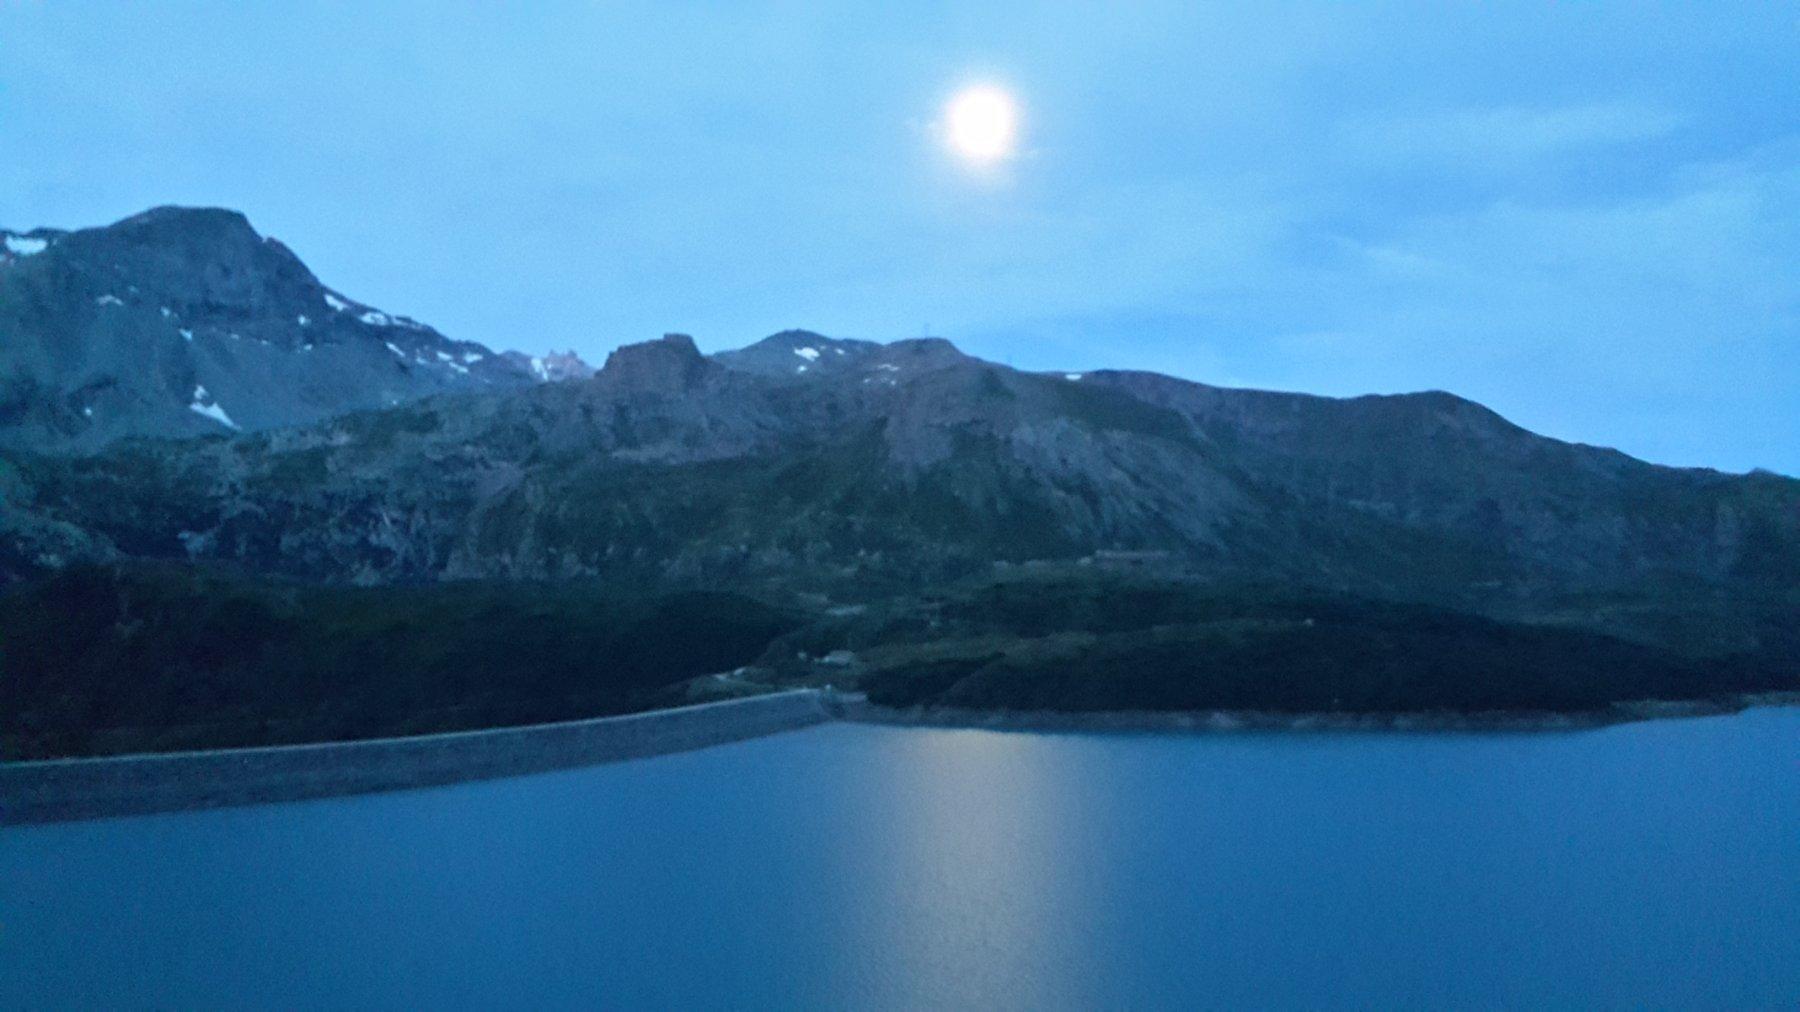 luna al Moncenisio